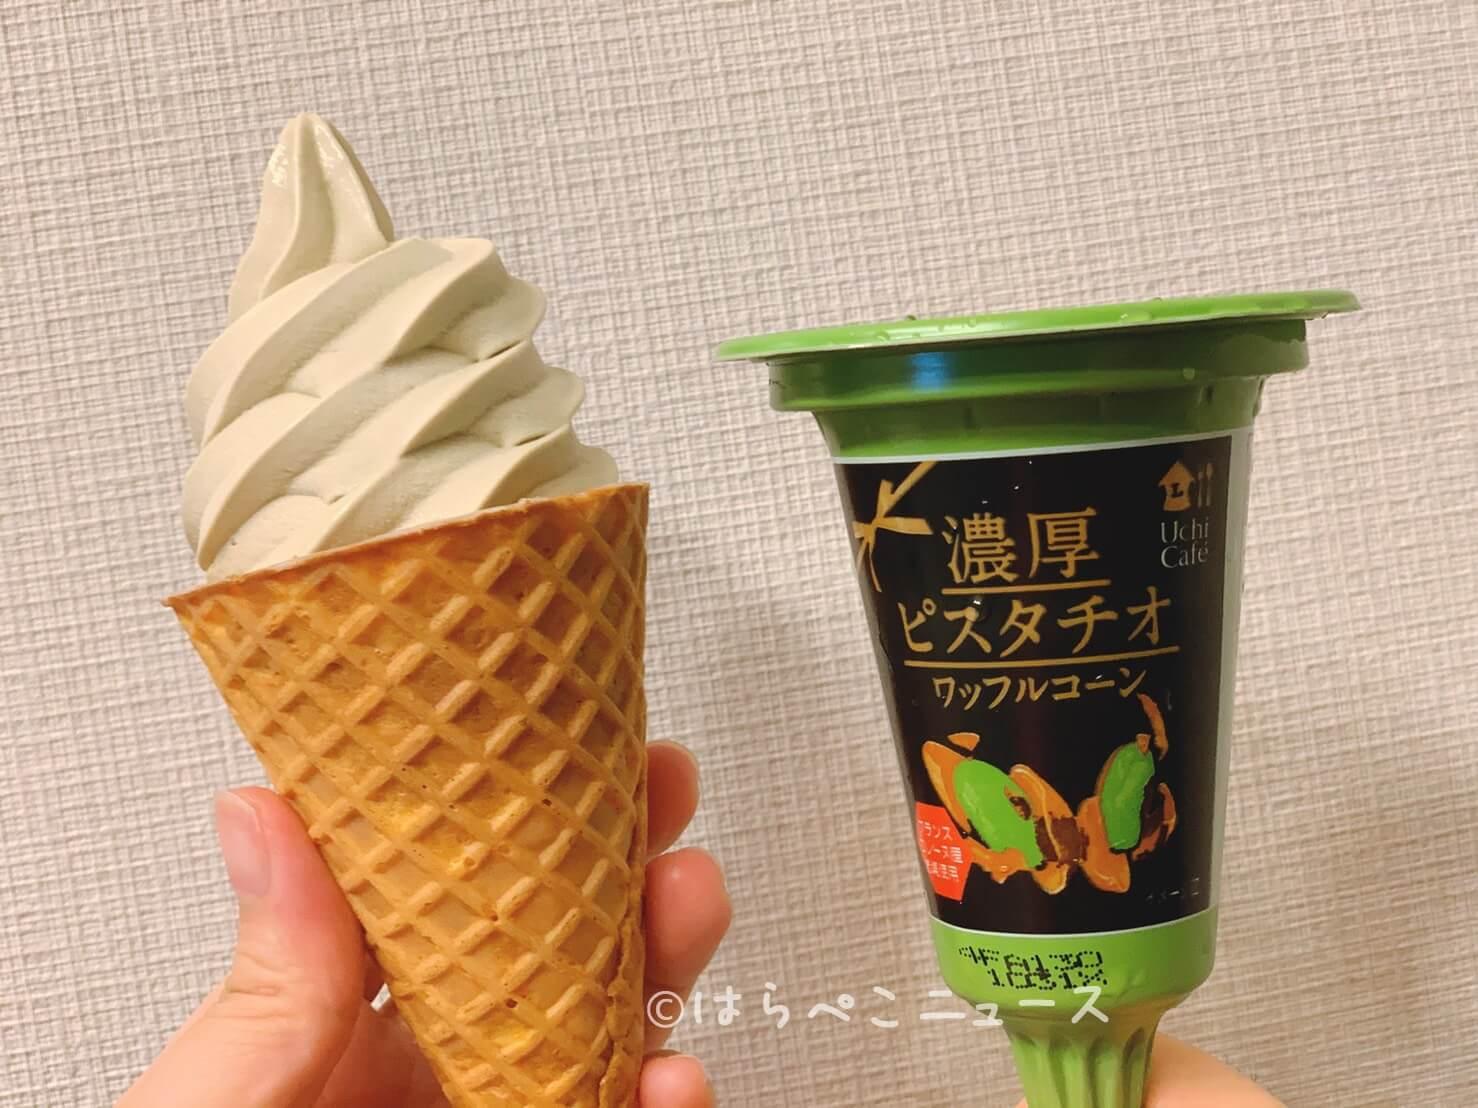 【実食レポ】ウチカフェ「濃厚ピスタチオワッフルコーン」香ばしい数量限定のアイス!